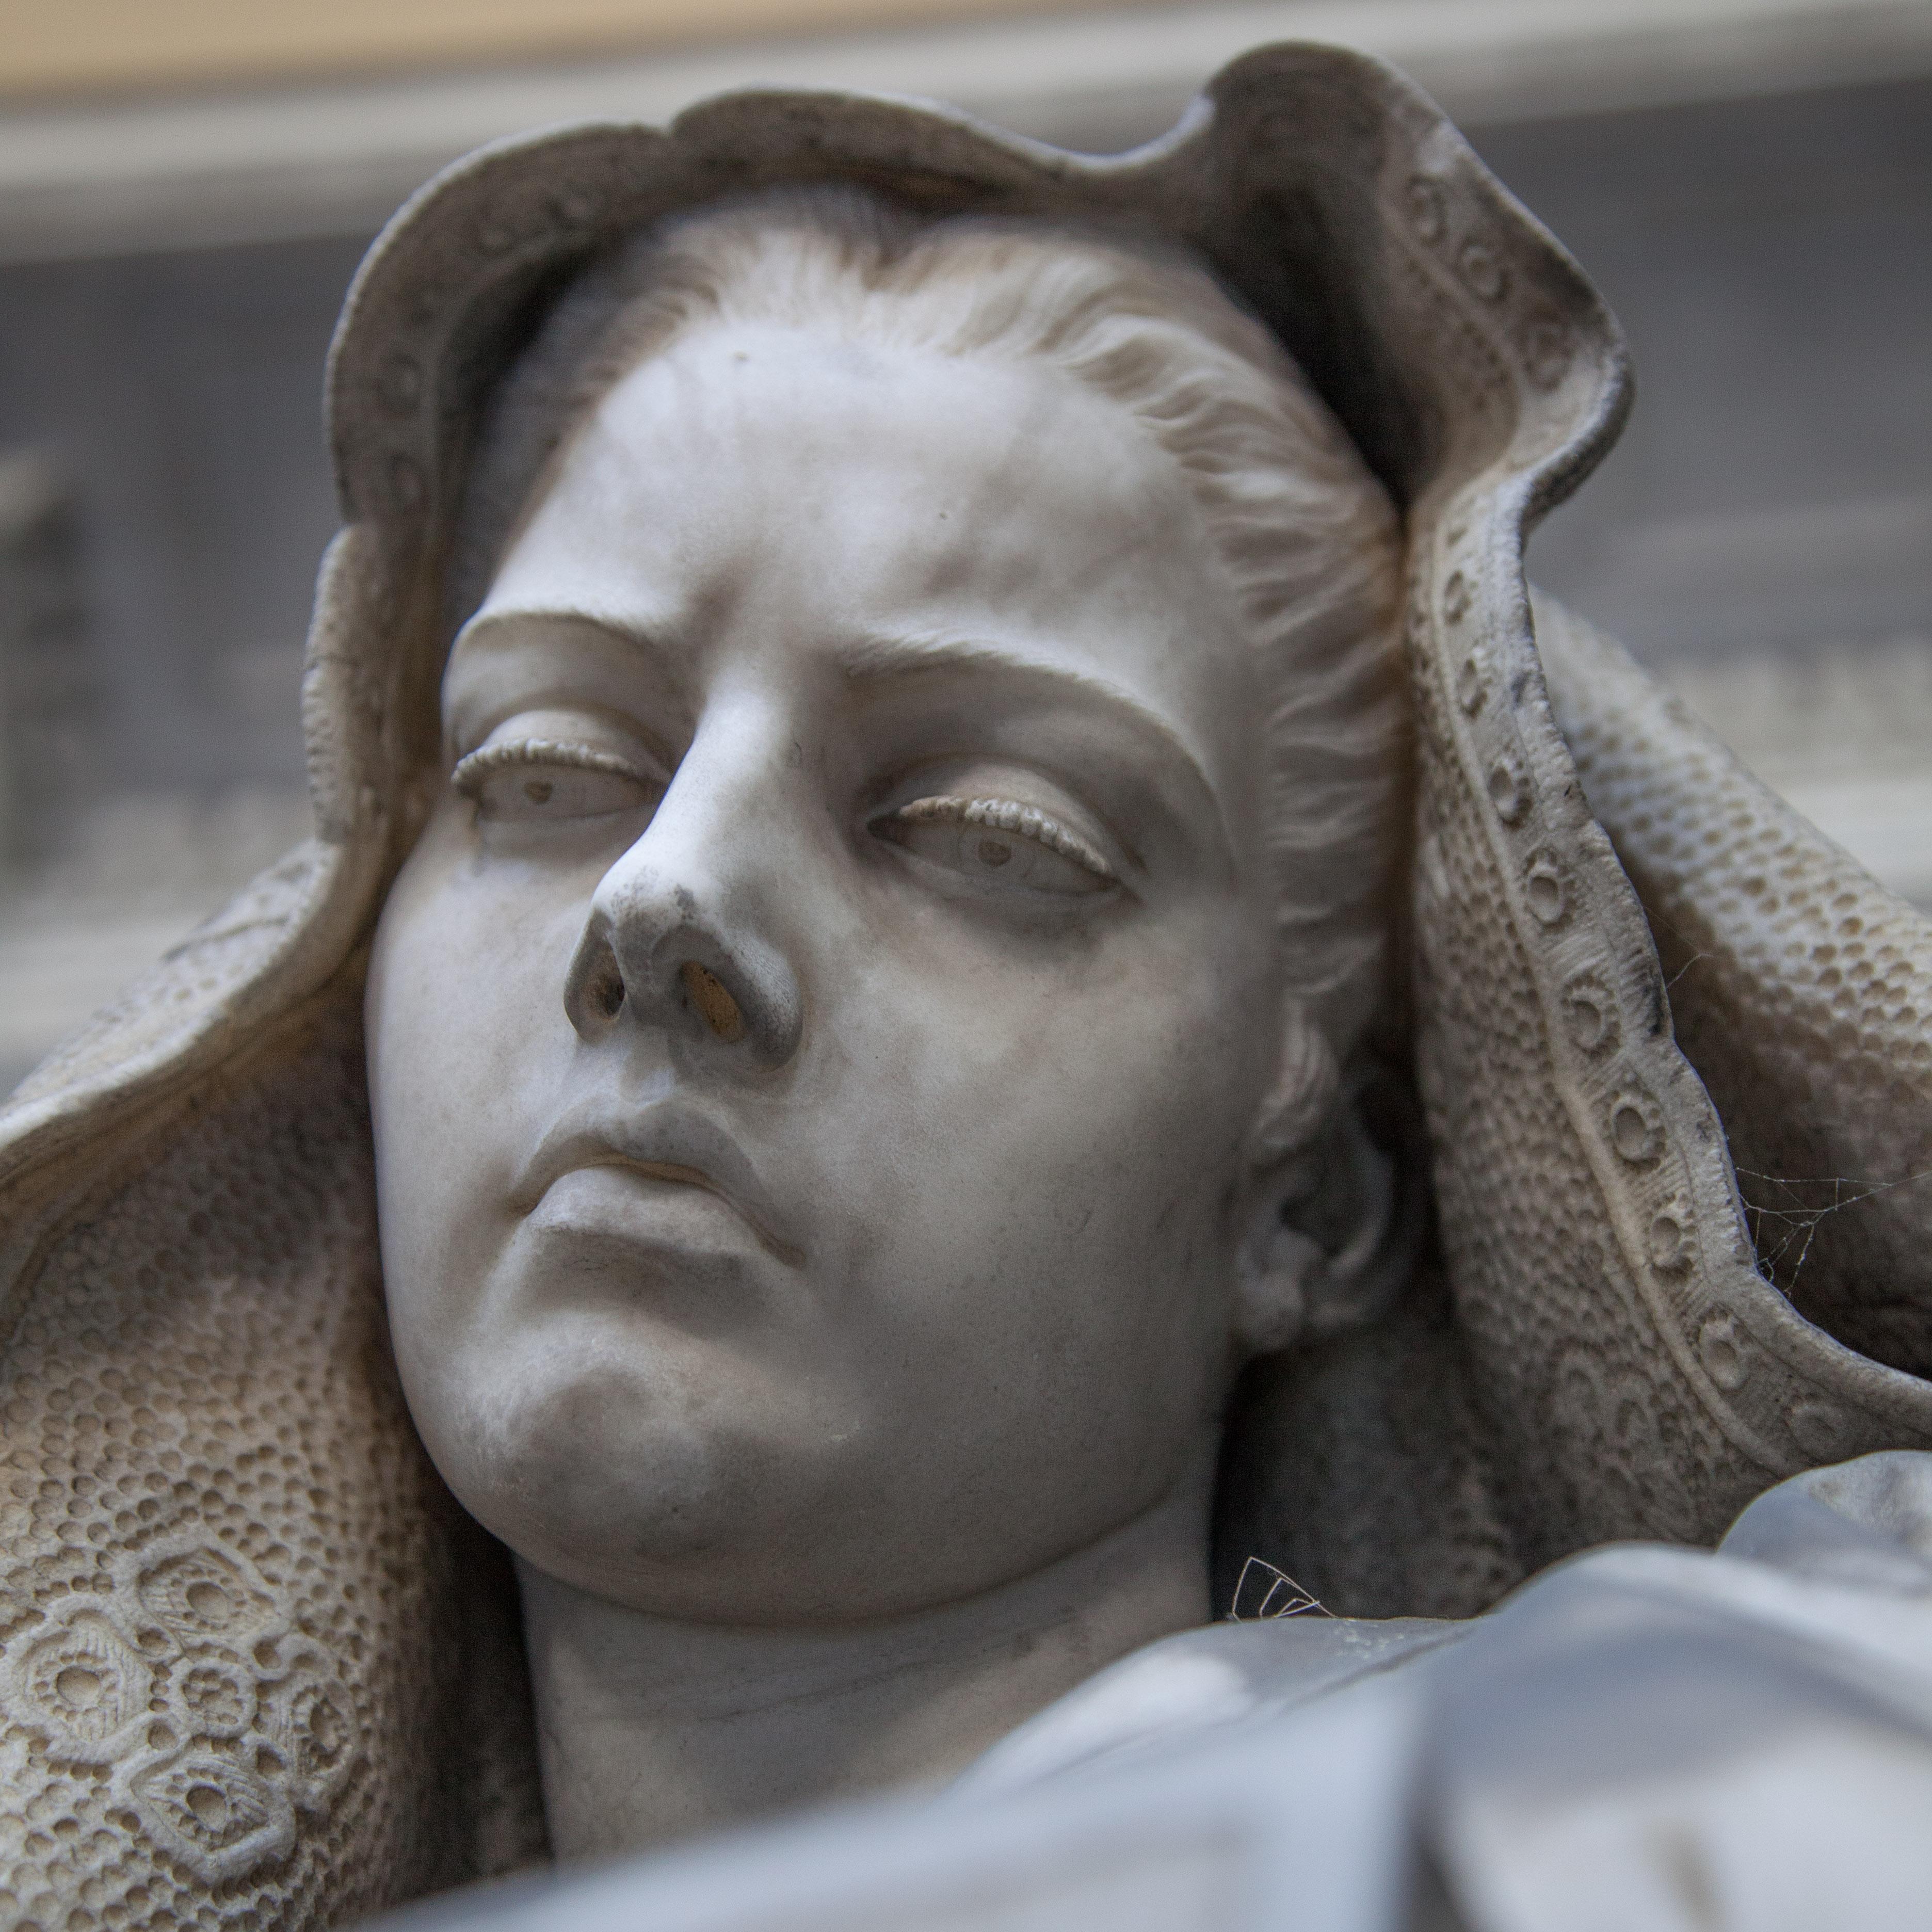 Tomba Famiglia Giovanni Battista Piaggio. 1873 г. Sculptor  Giuseppe Benetti (Genoa 1825-1914).jpg